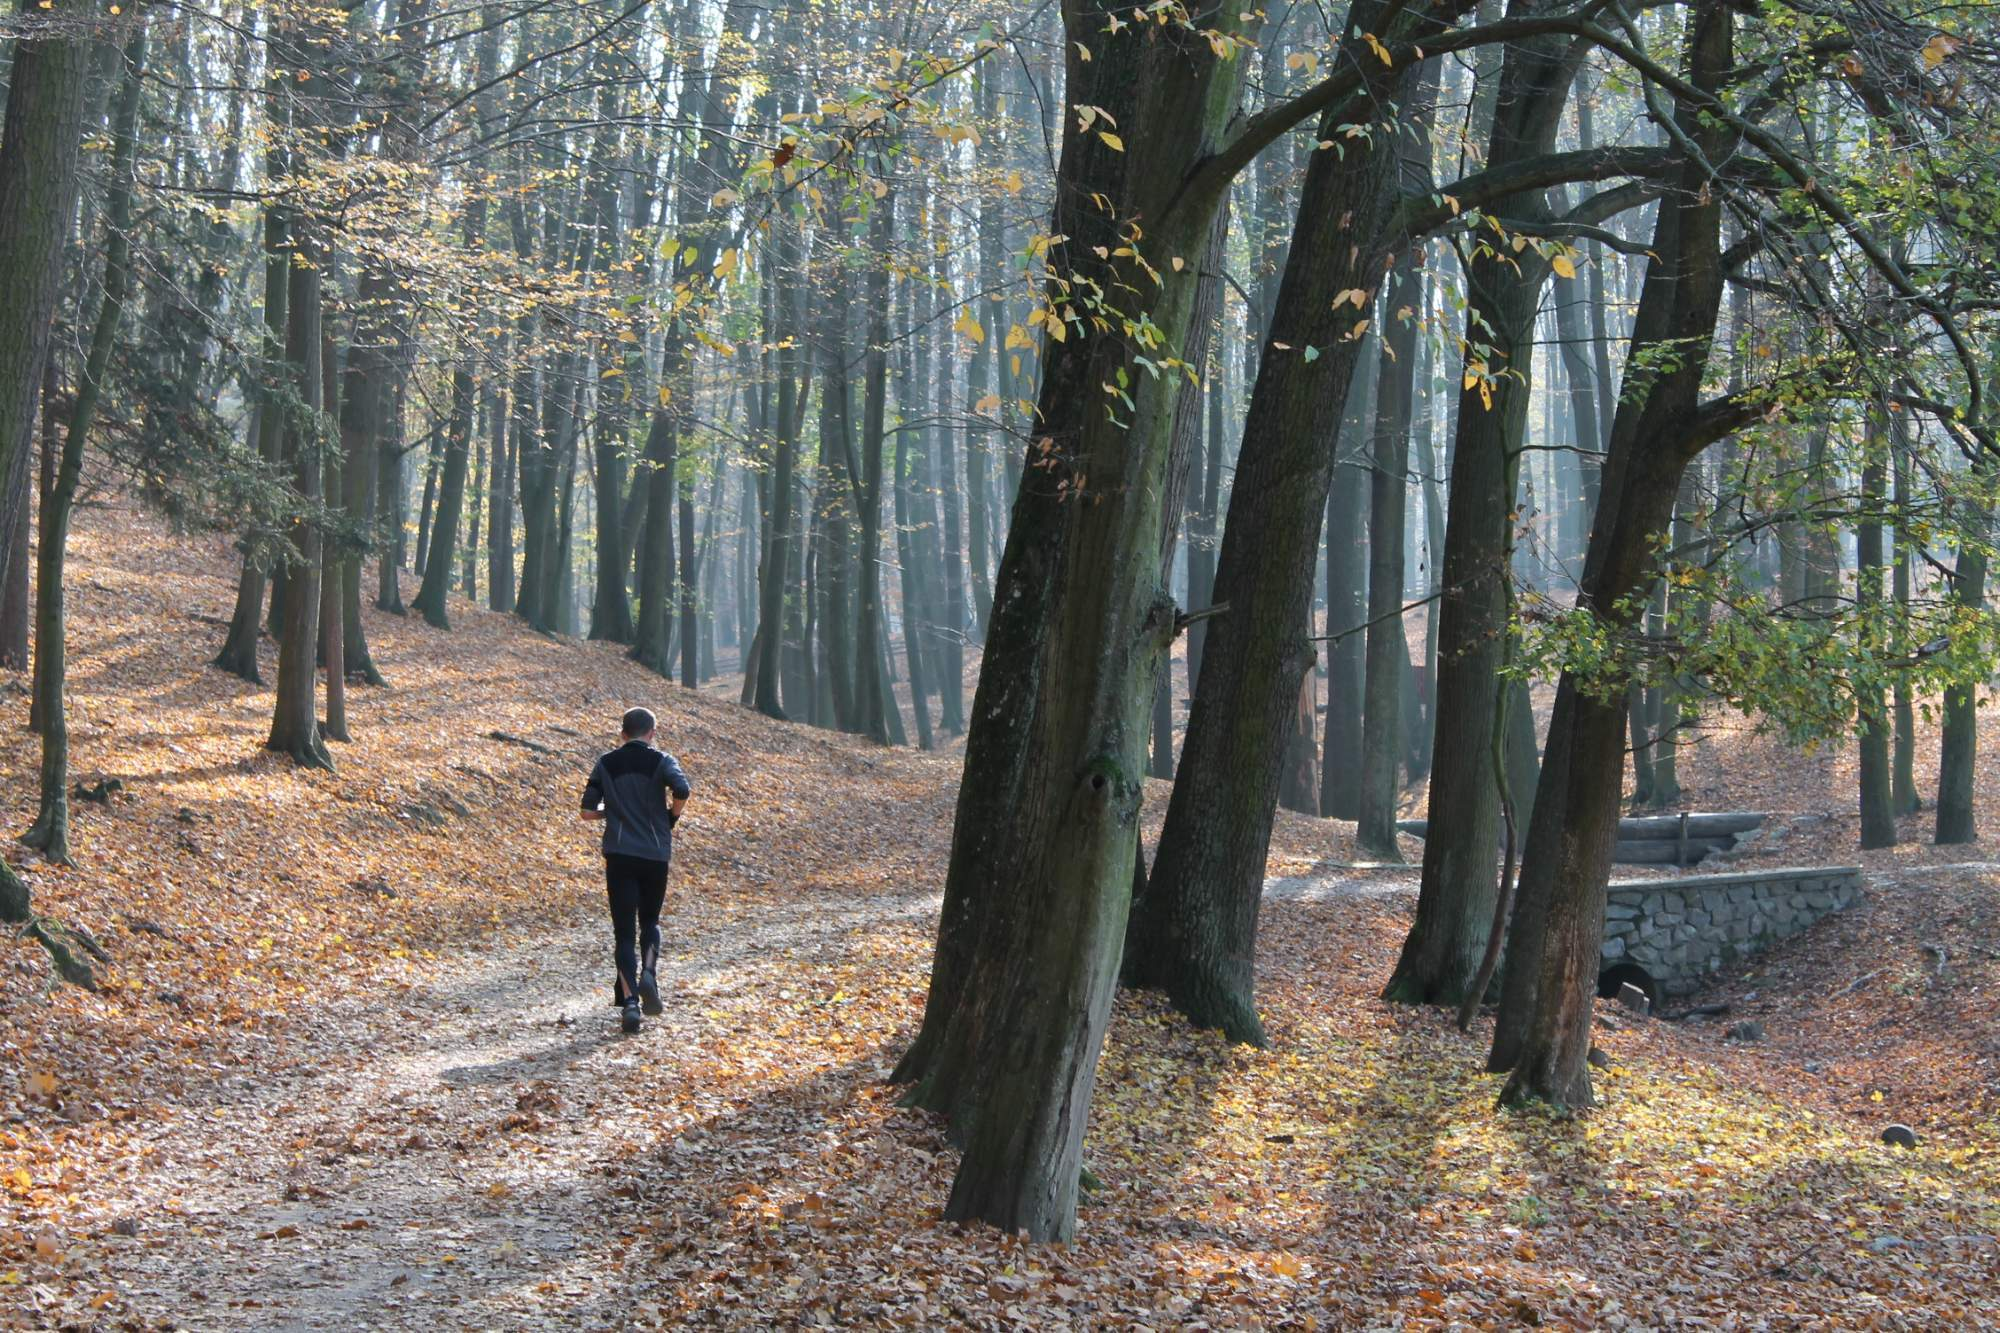 Běžec si užívá podzimní počasí.